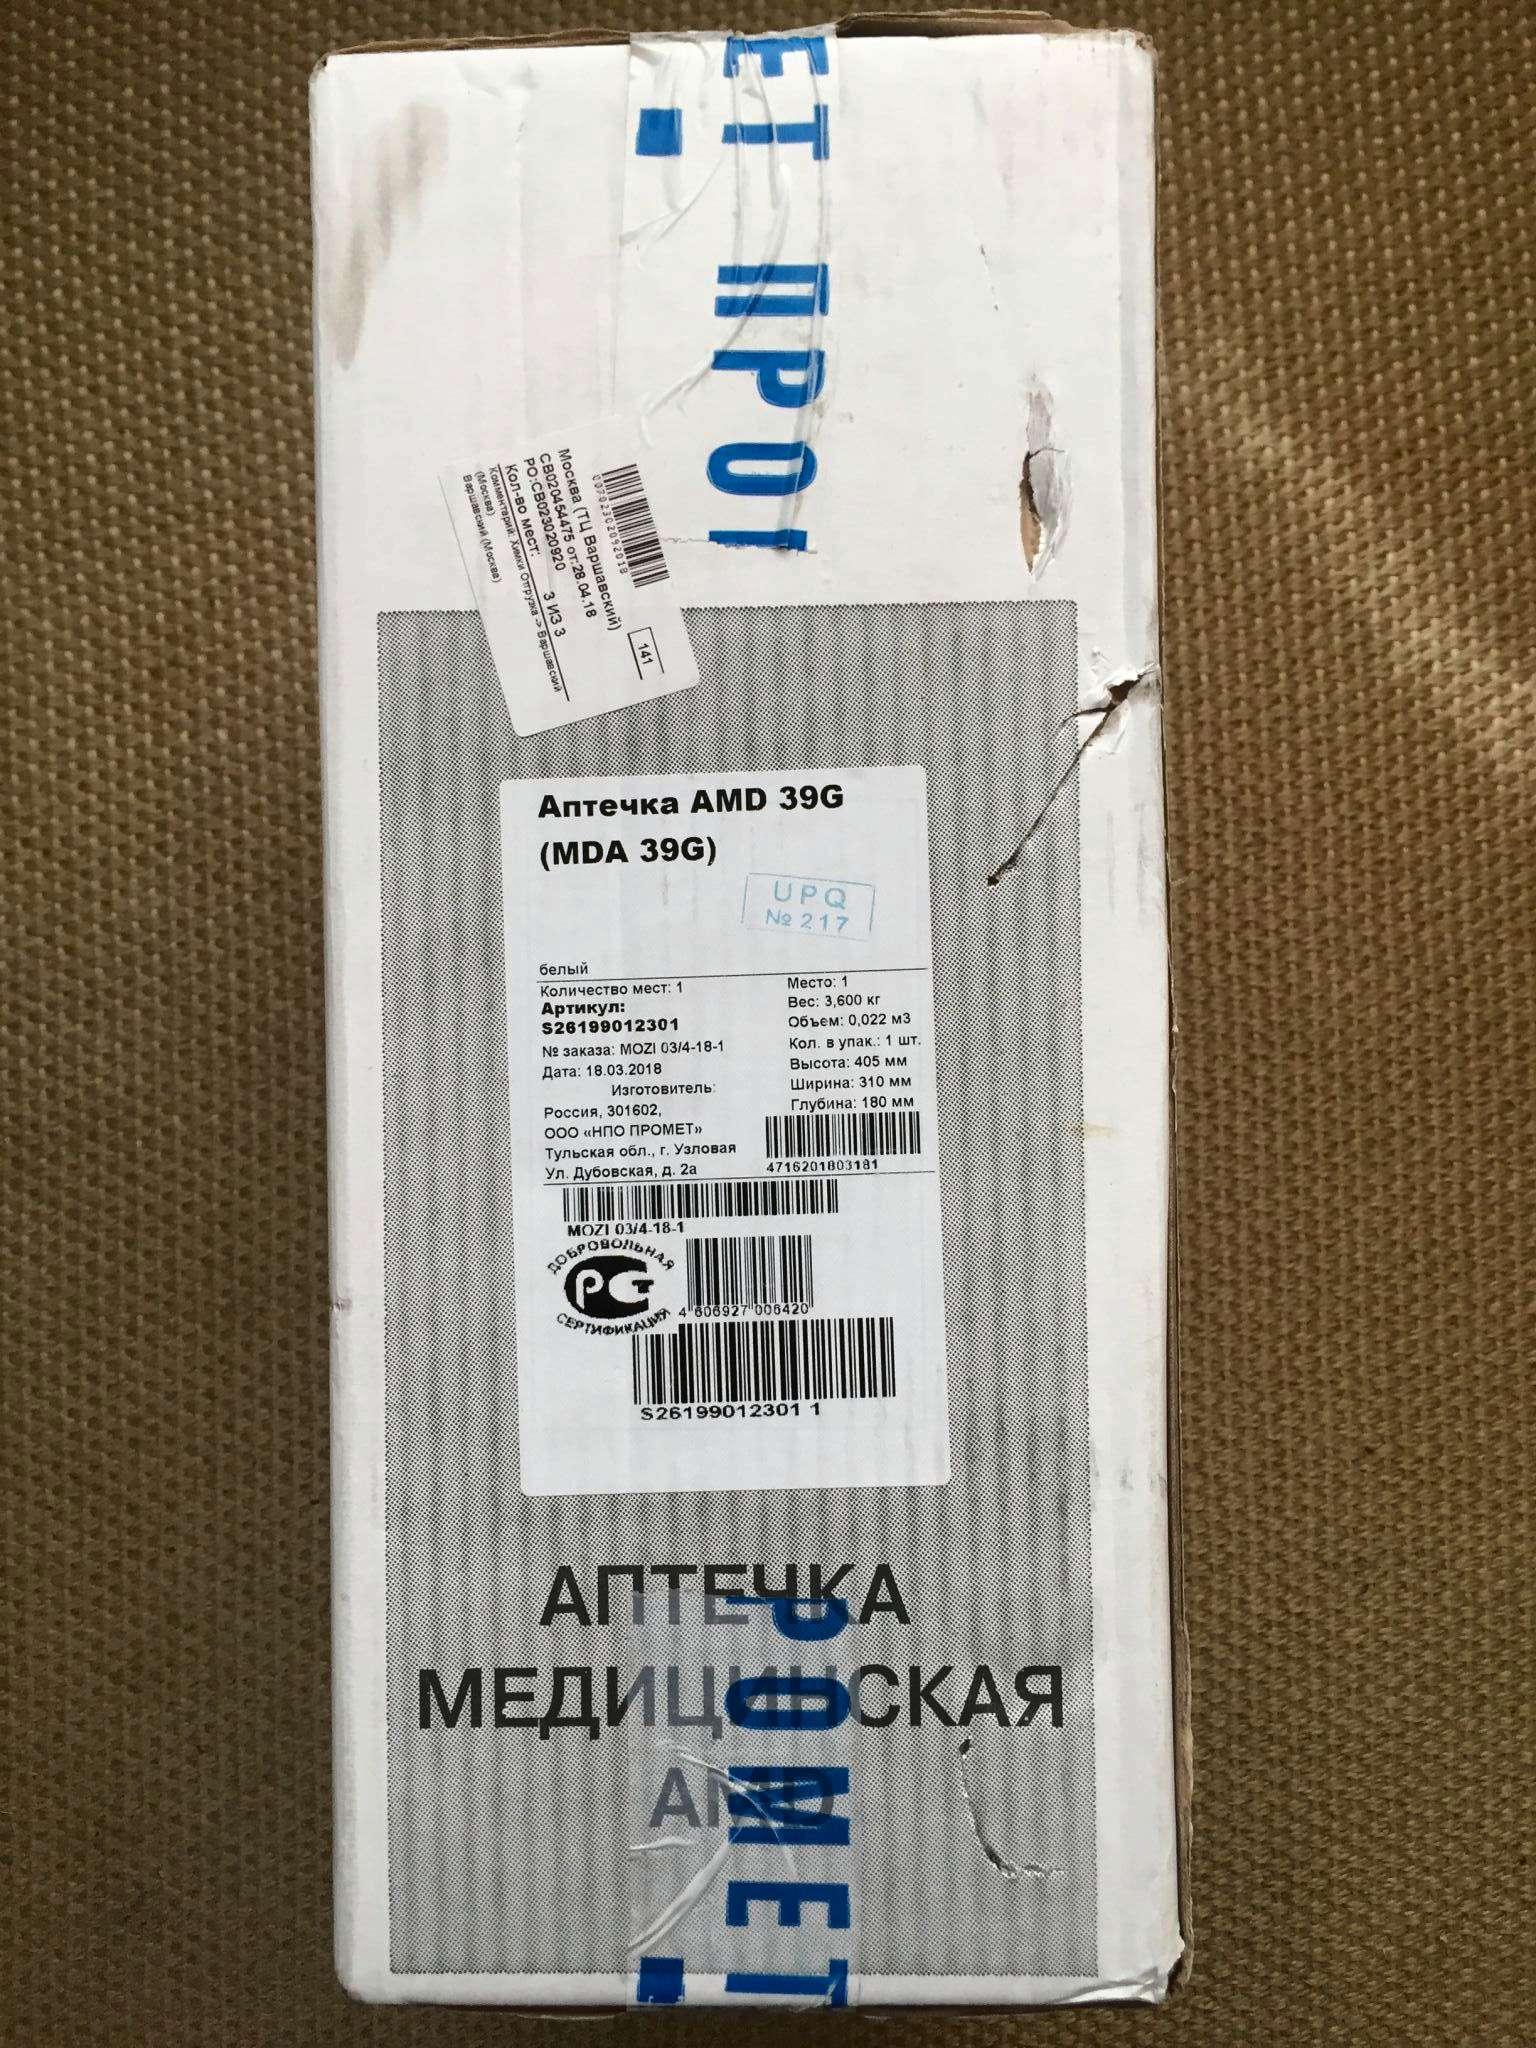 Метадон bot telegram Тобольск гидропоника купить